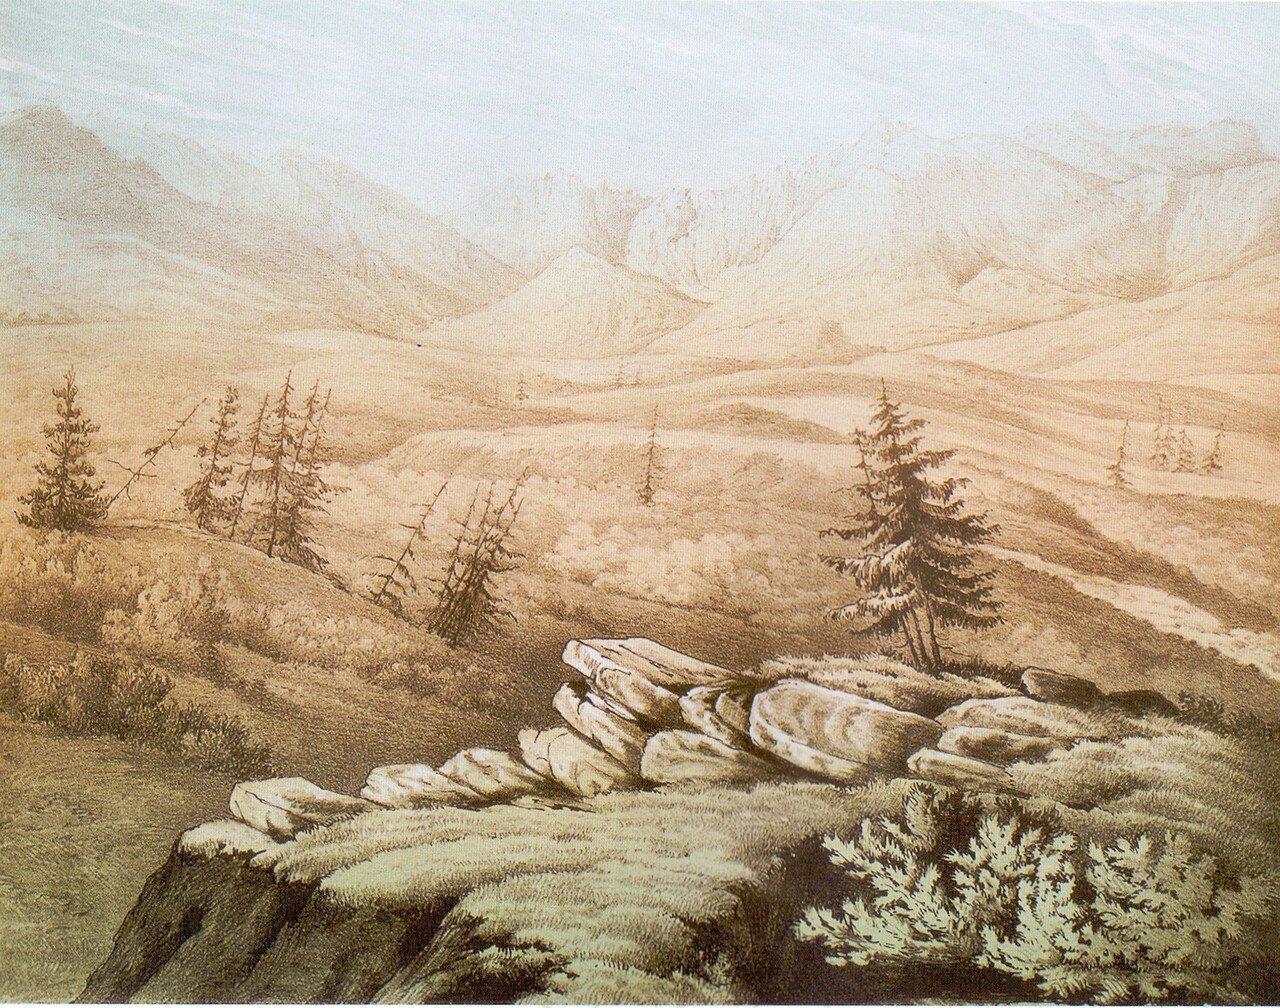 94.А Мюнстер. Вид на Ергак-Таргак-Тайга. Запечатлено с границы леса (на высот 700 футов).  возм с рис Нем.jpg